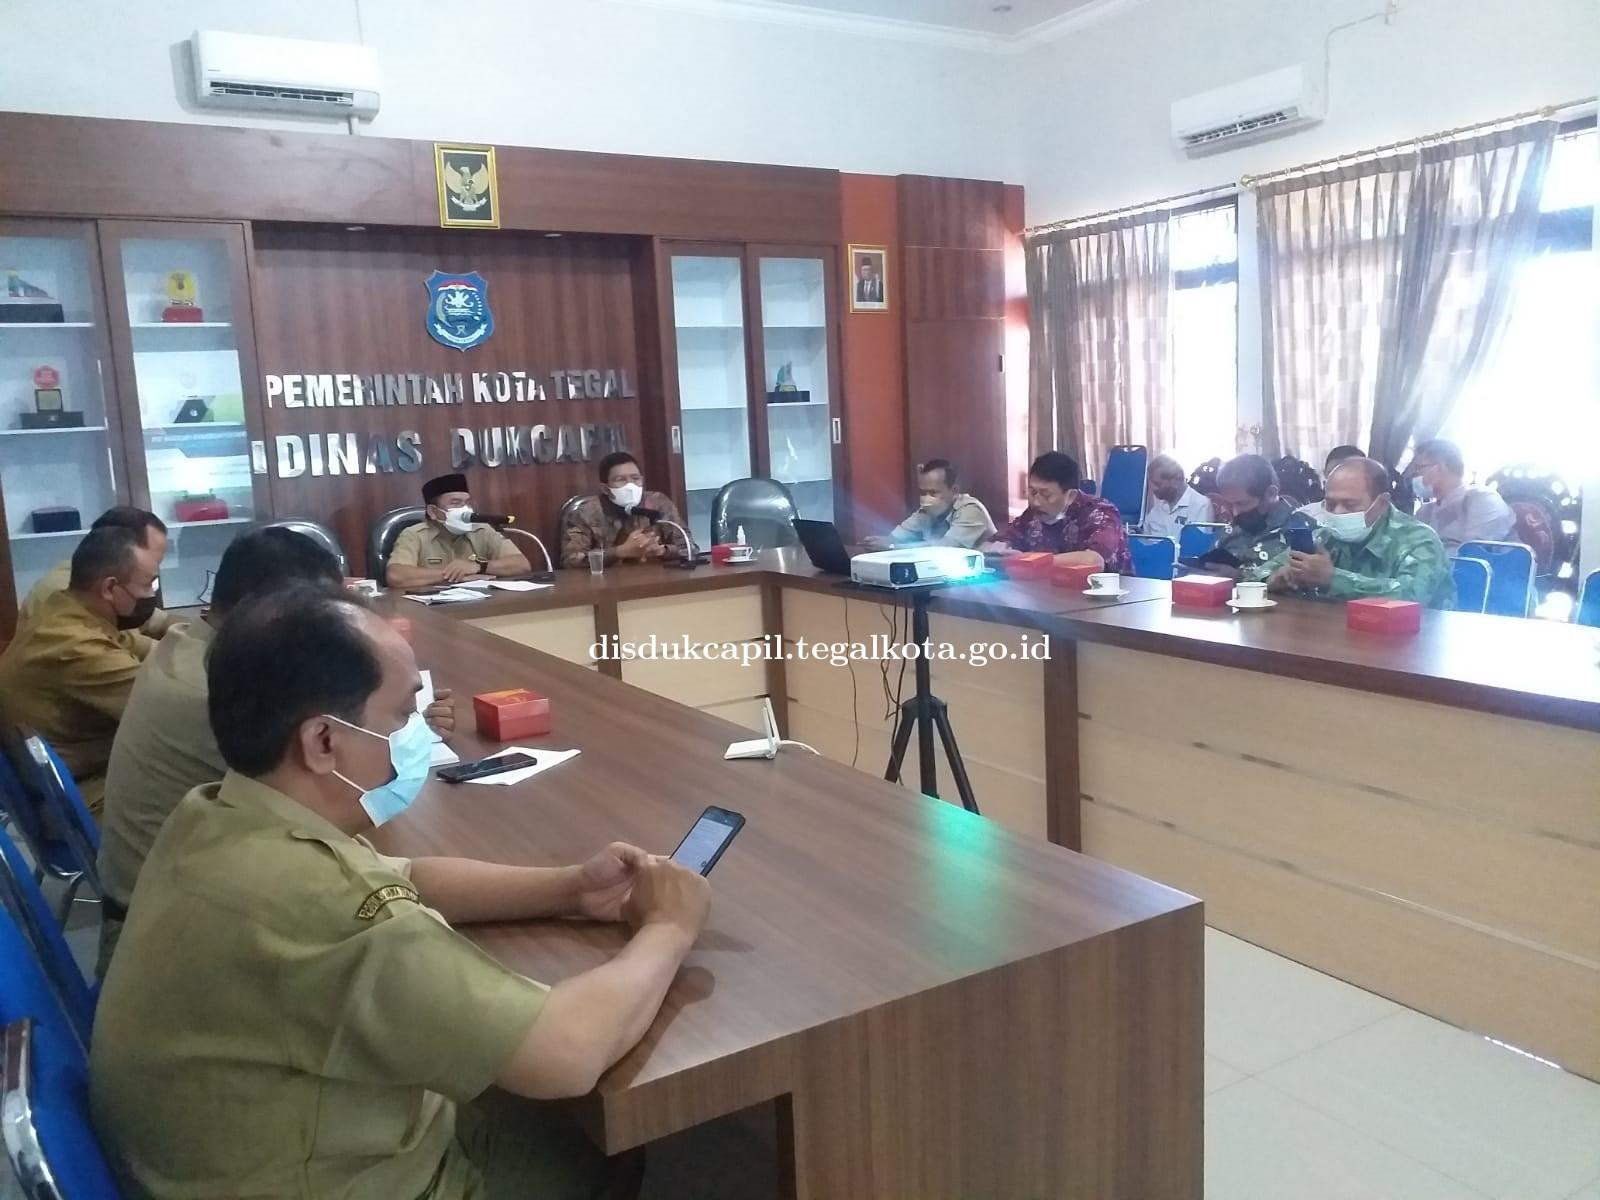 Kunjungan_DPRD_Prov__Jawa_Tengah.jpg